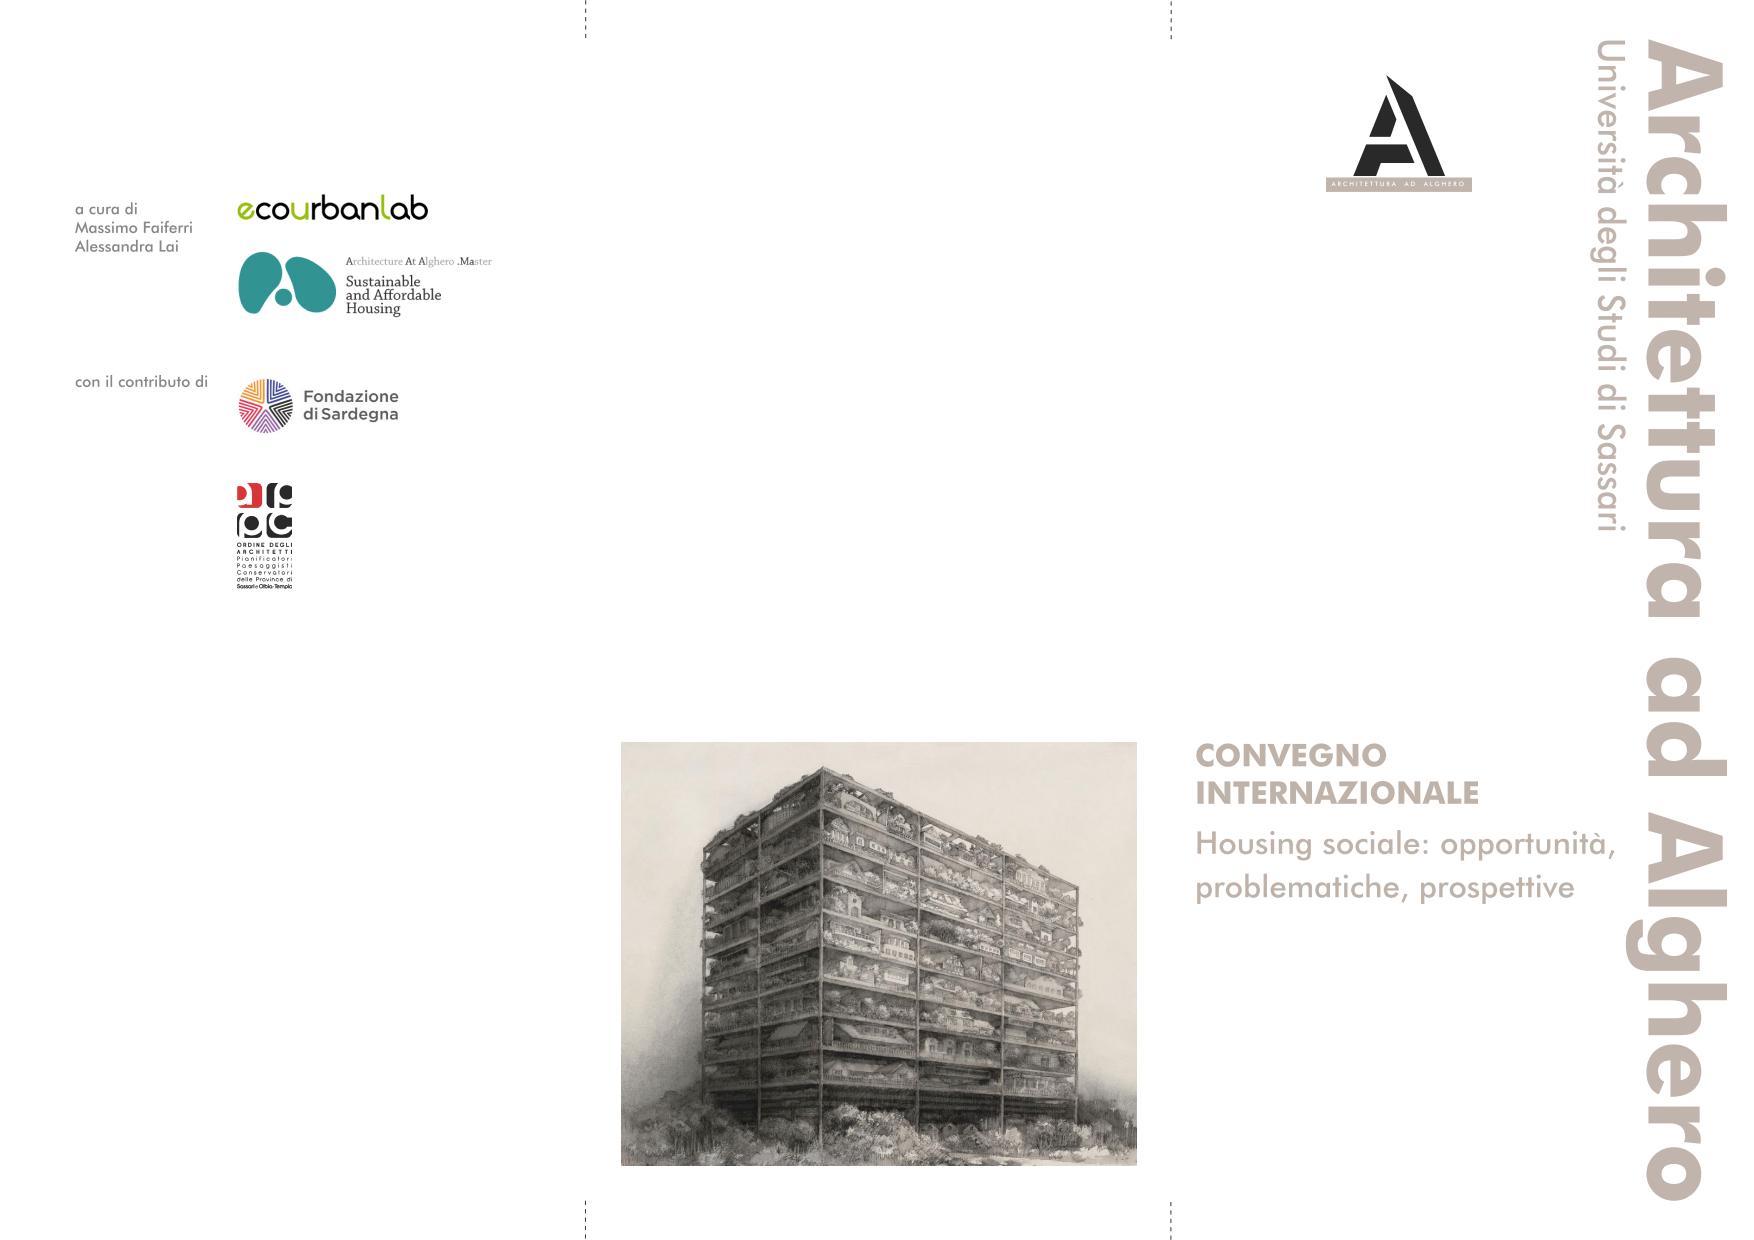 Housing sociale: opportunità, problematiche, prospettive